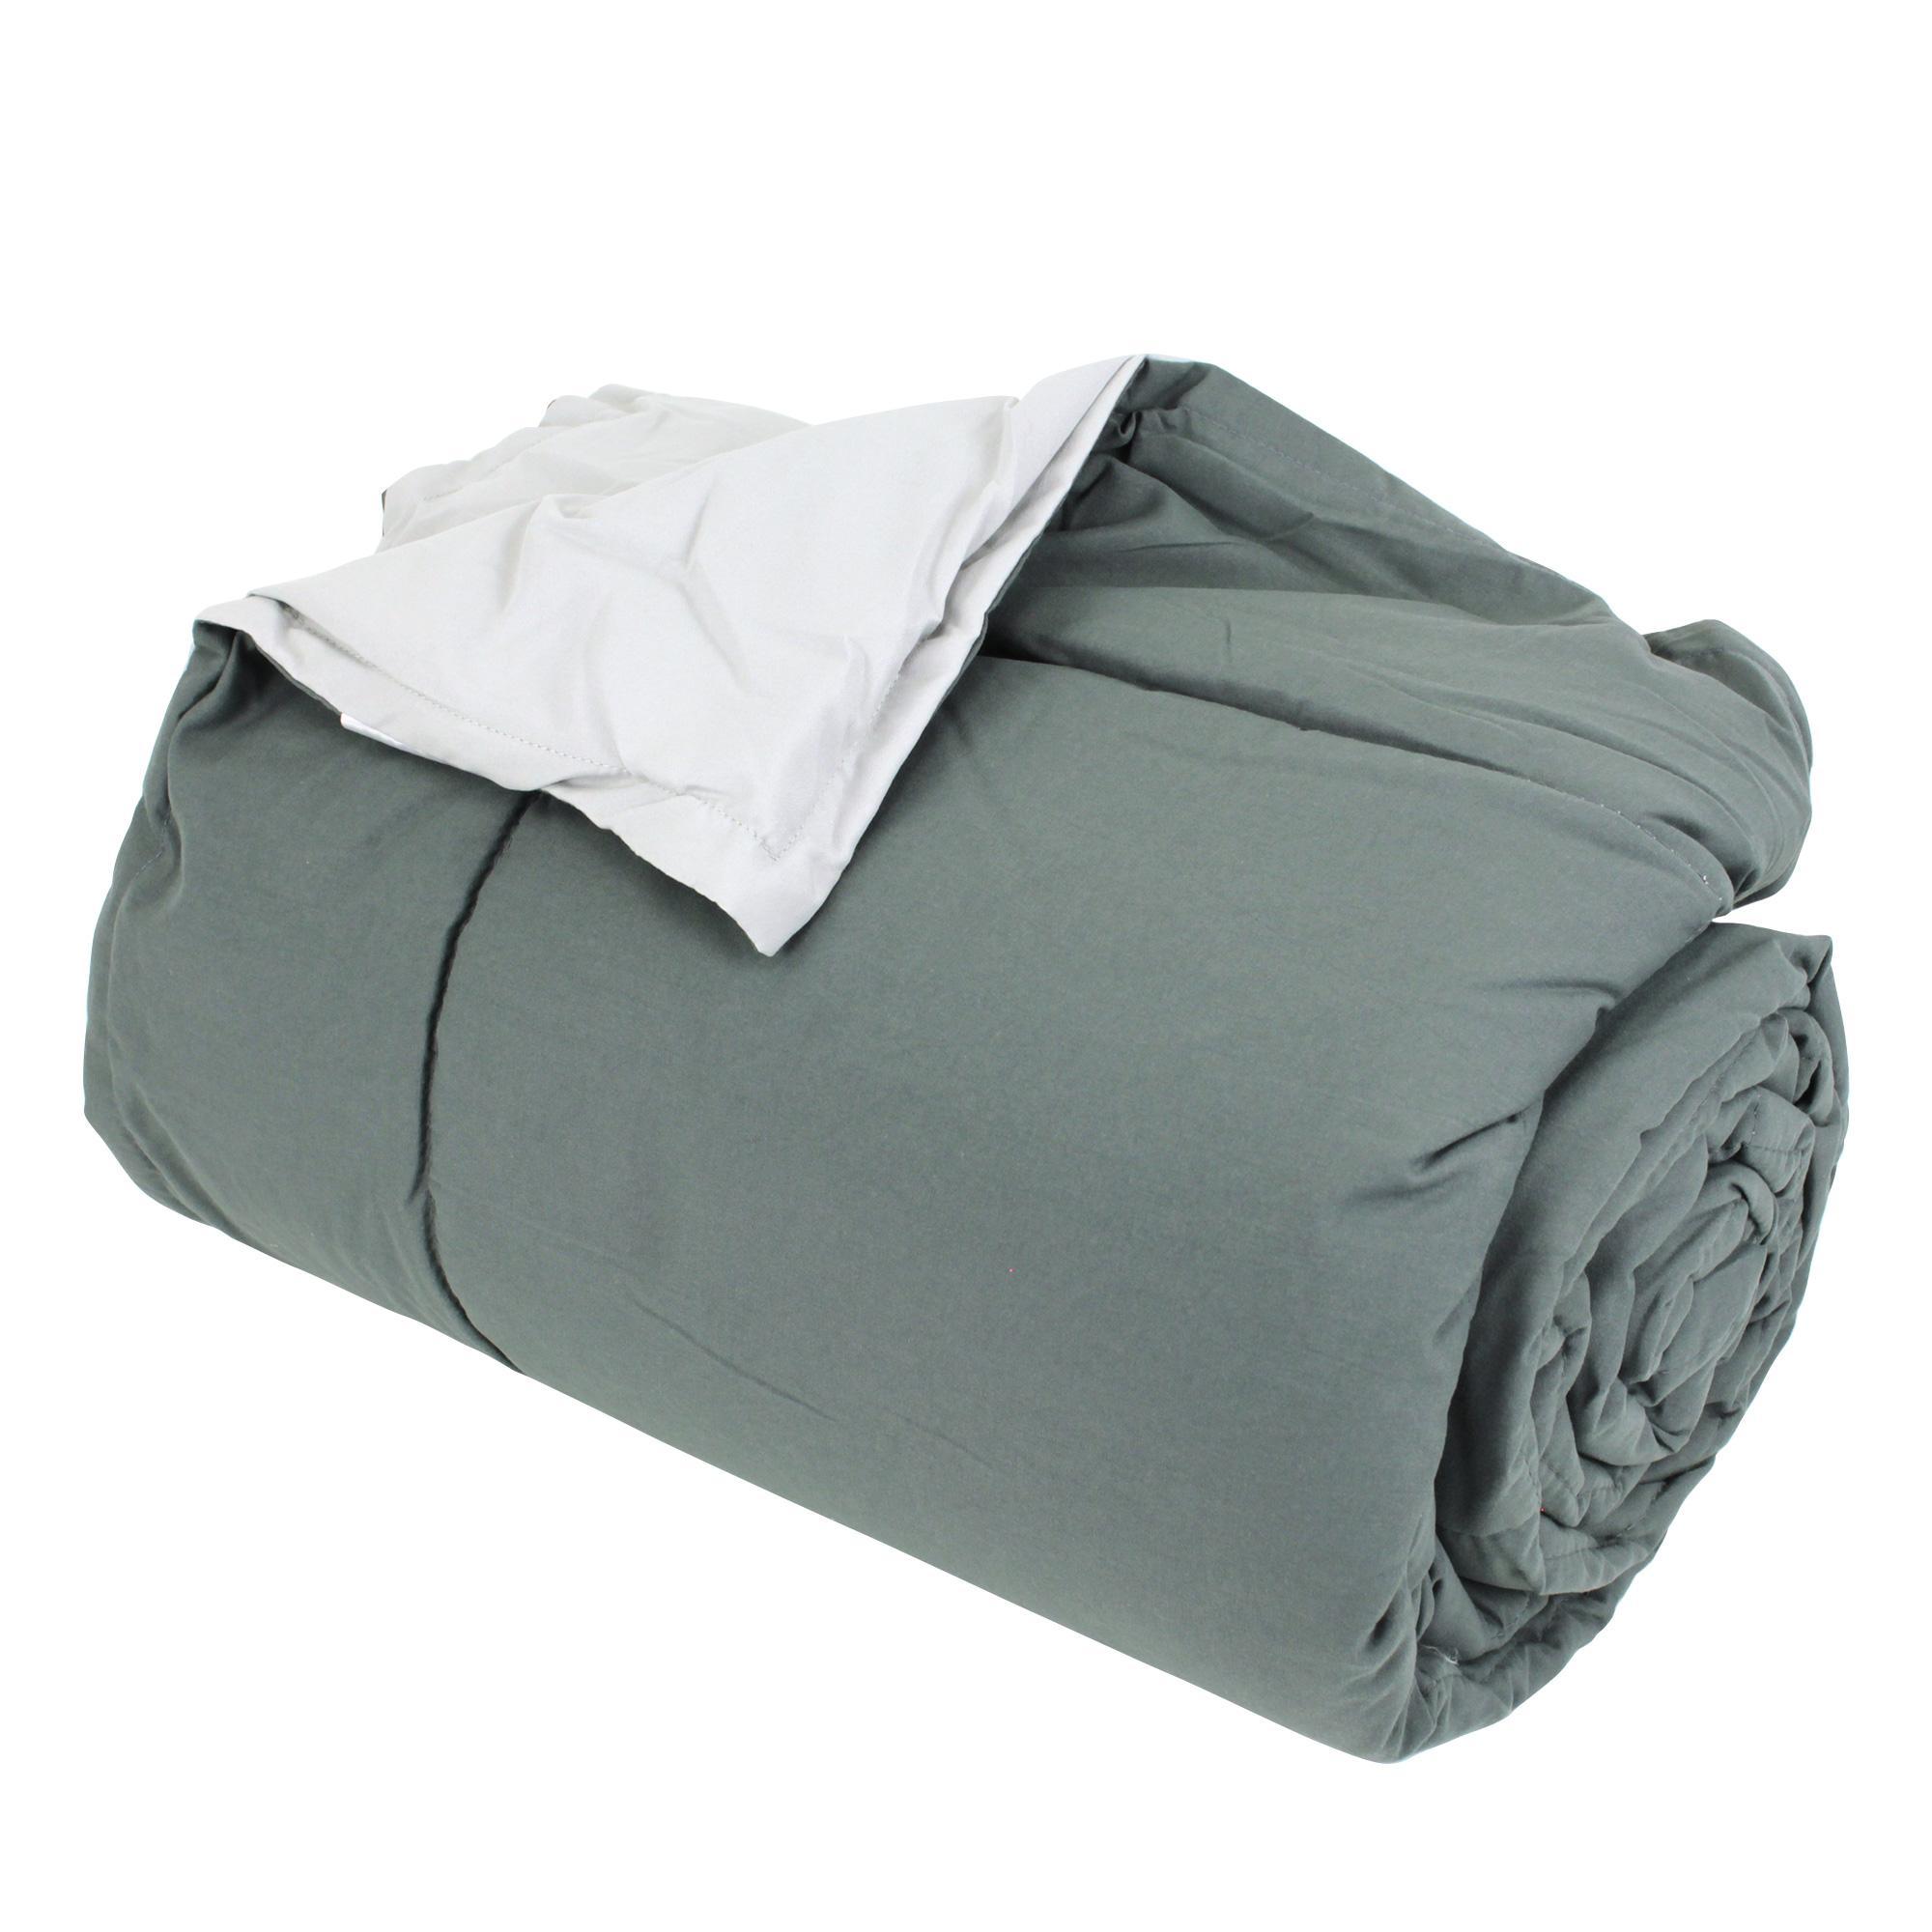 dessus de lit bicolore frisbee 220x240 cm acier perle linnea vente de linge de maison. Black Bedroom Furniture Sets. Home Design Ideas